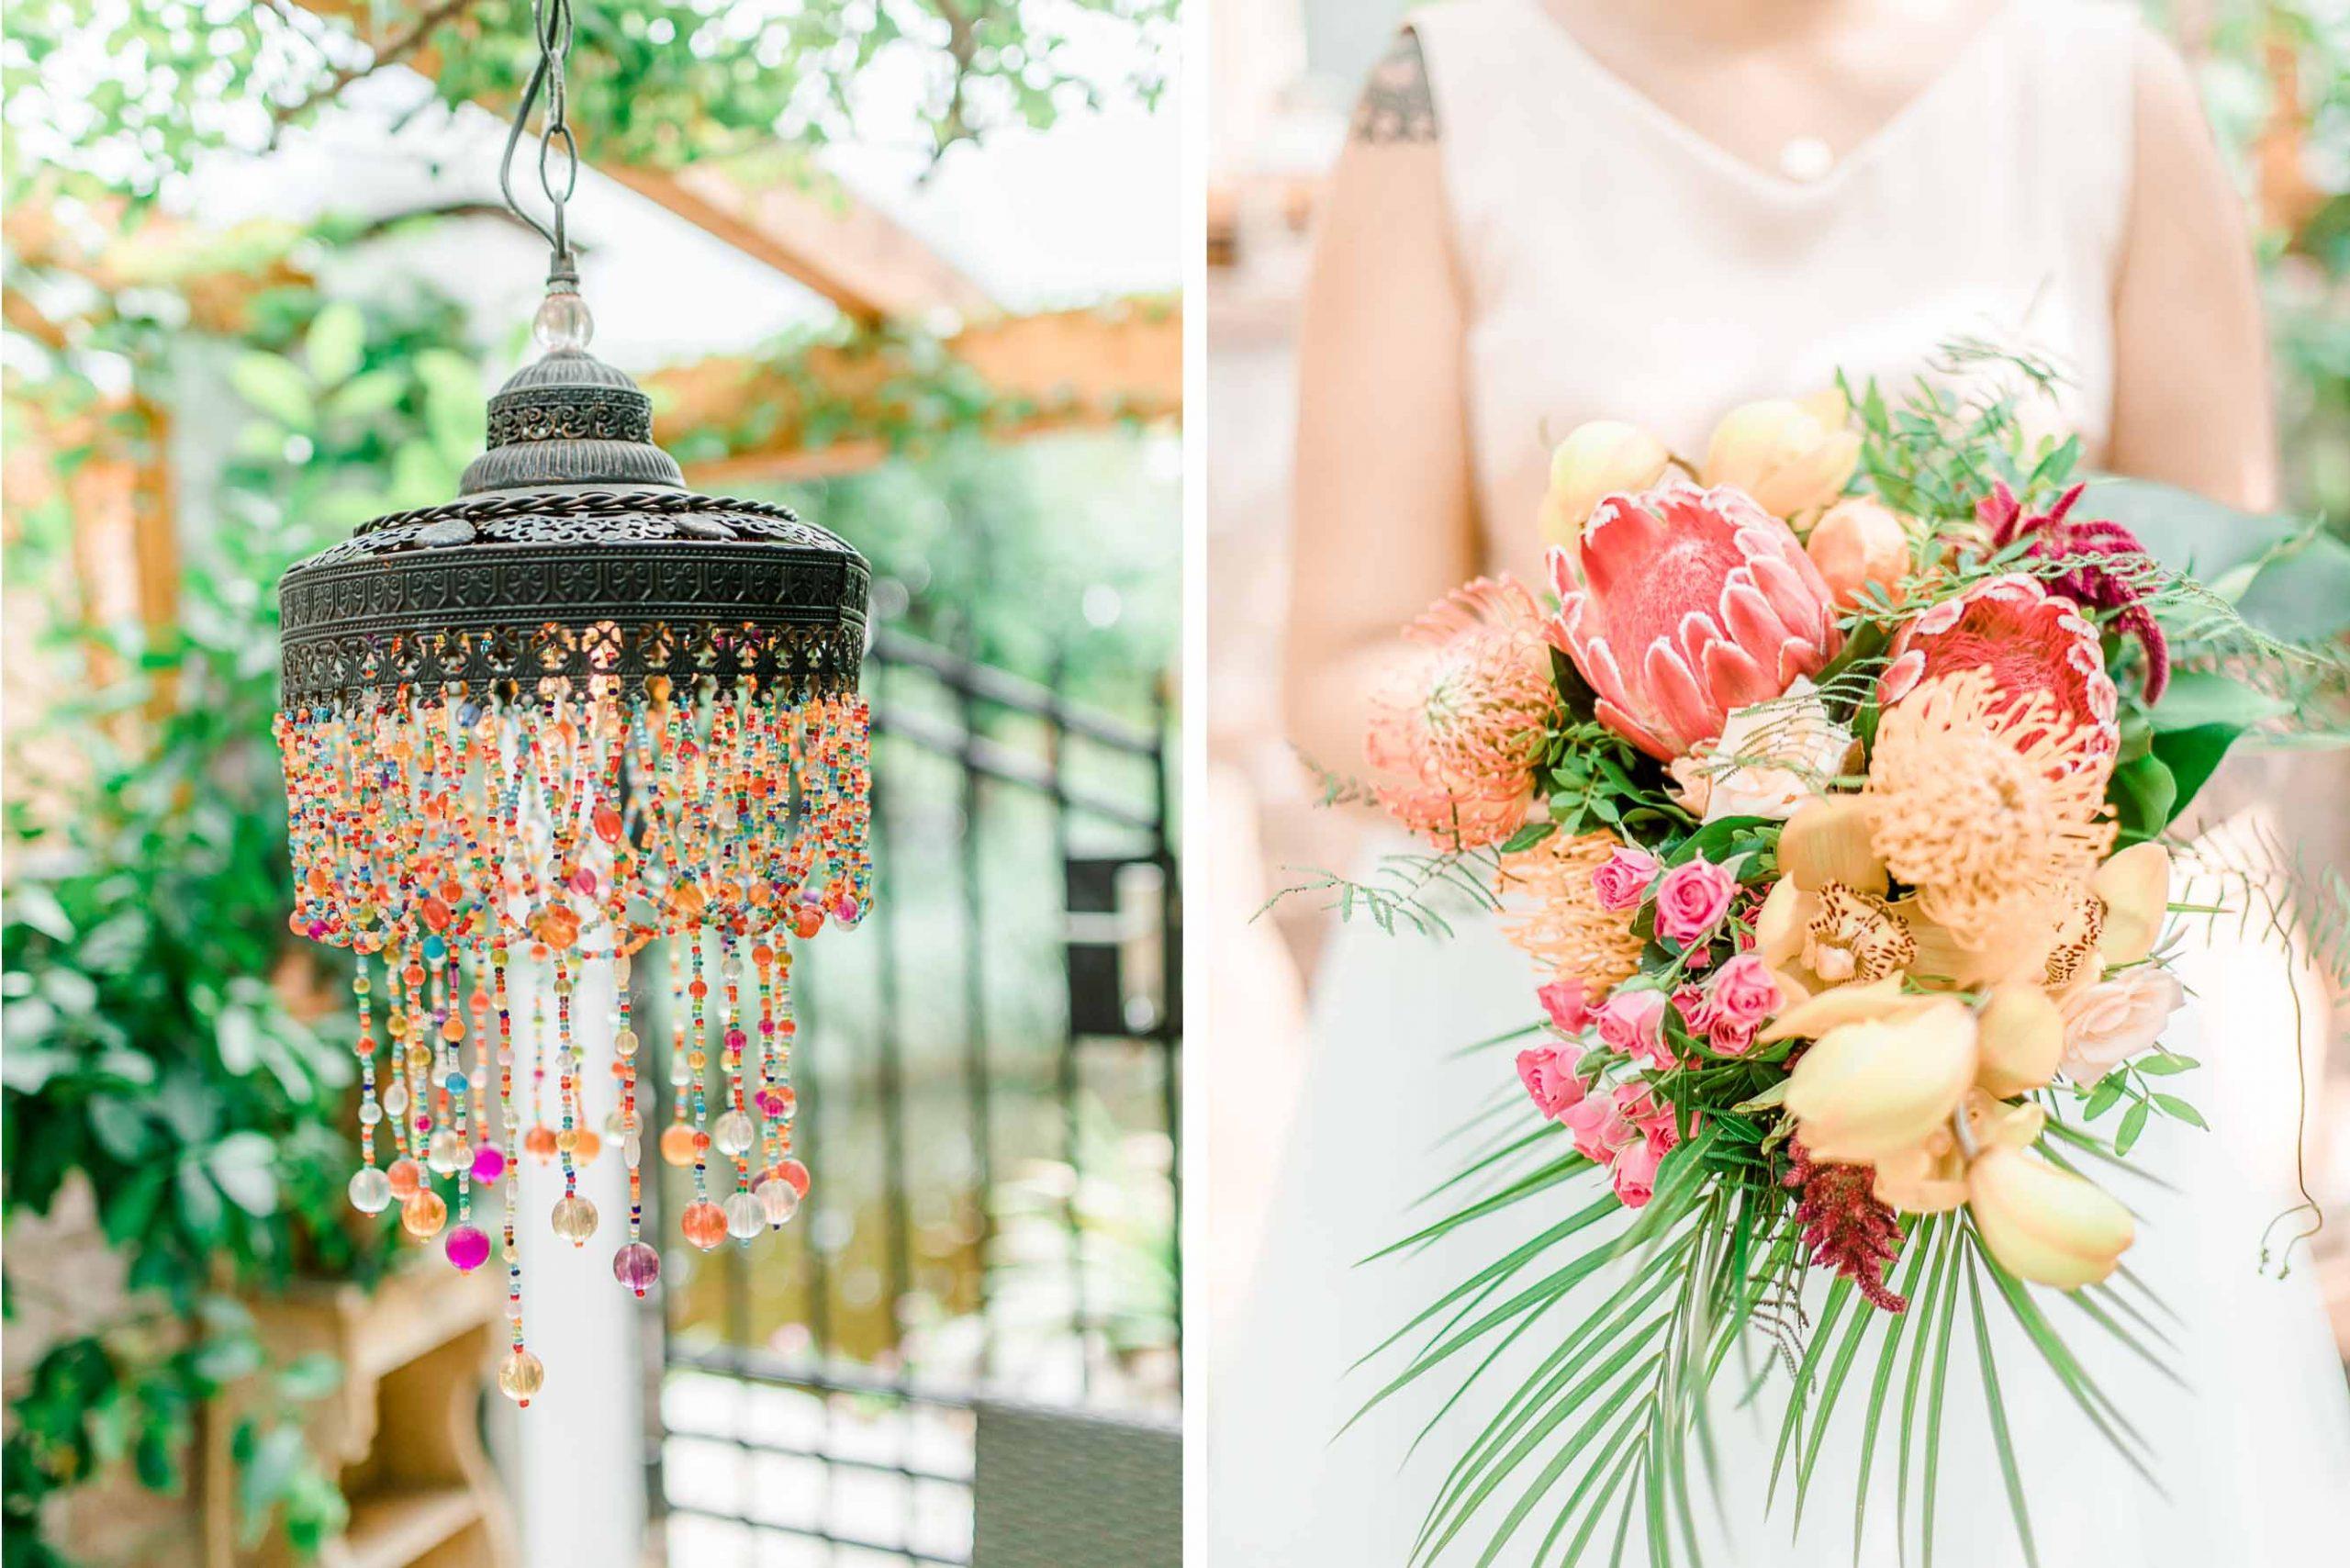 Mödling Hochzeitsfotograf Wien heiraten Heurigengalerie Plos freie Zeremonie freie Rednerin Wortverlesen Hochzeitsfotos outdoor heiraten tikihochzeit tropische Hochzeit